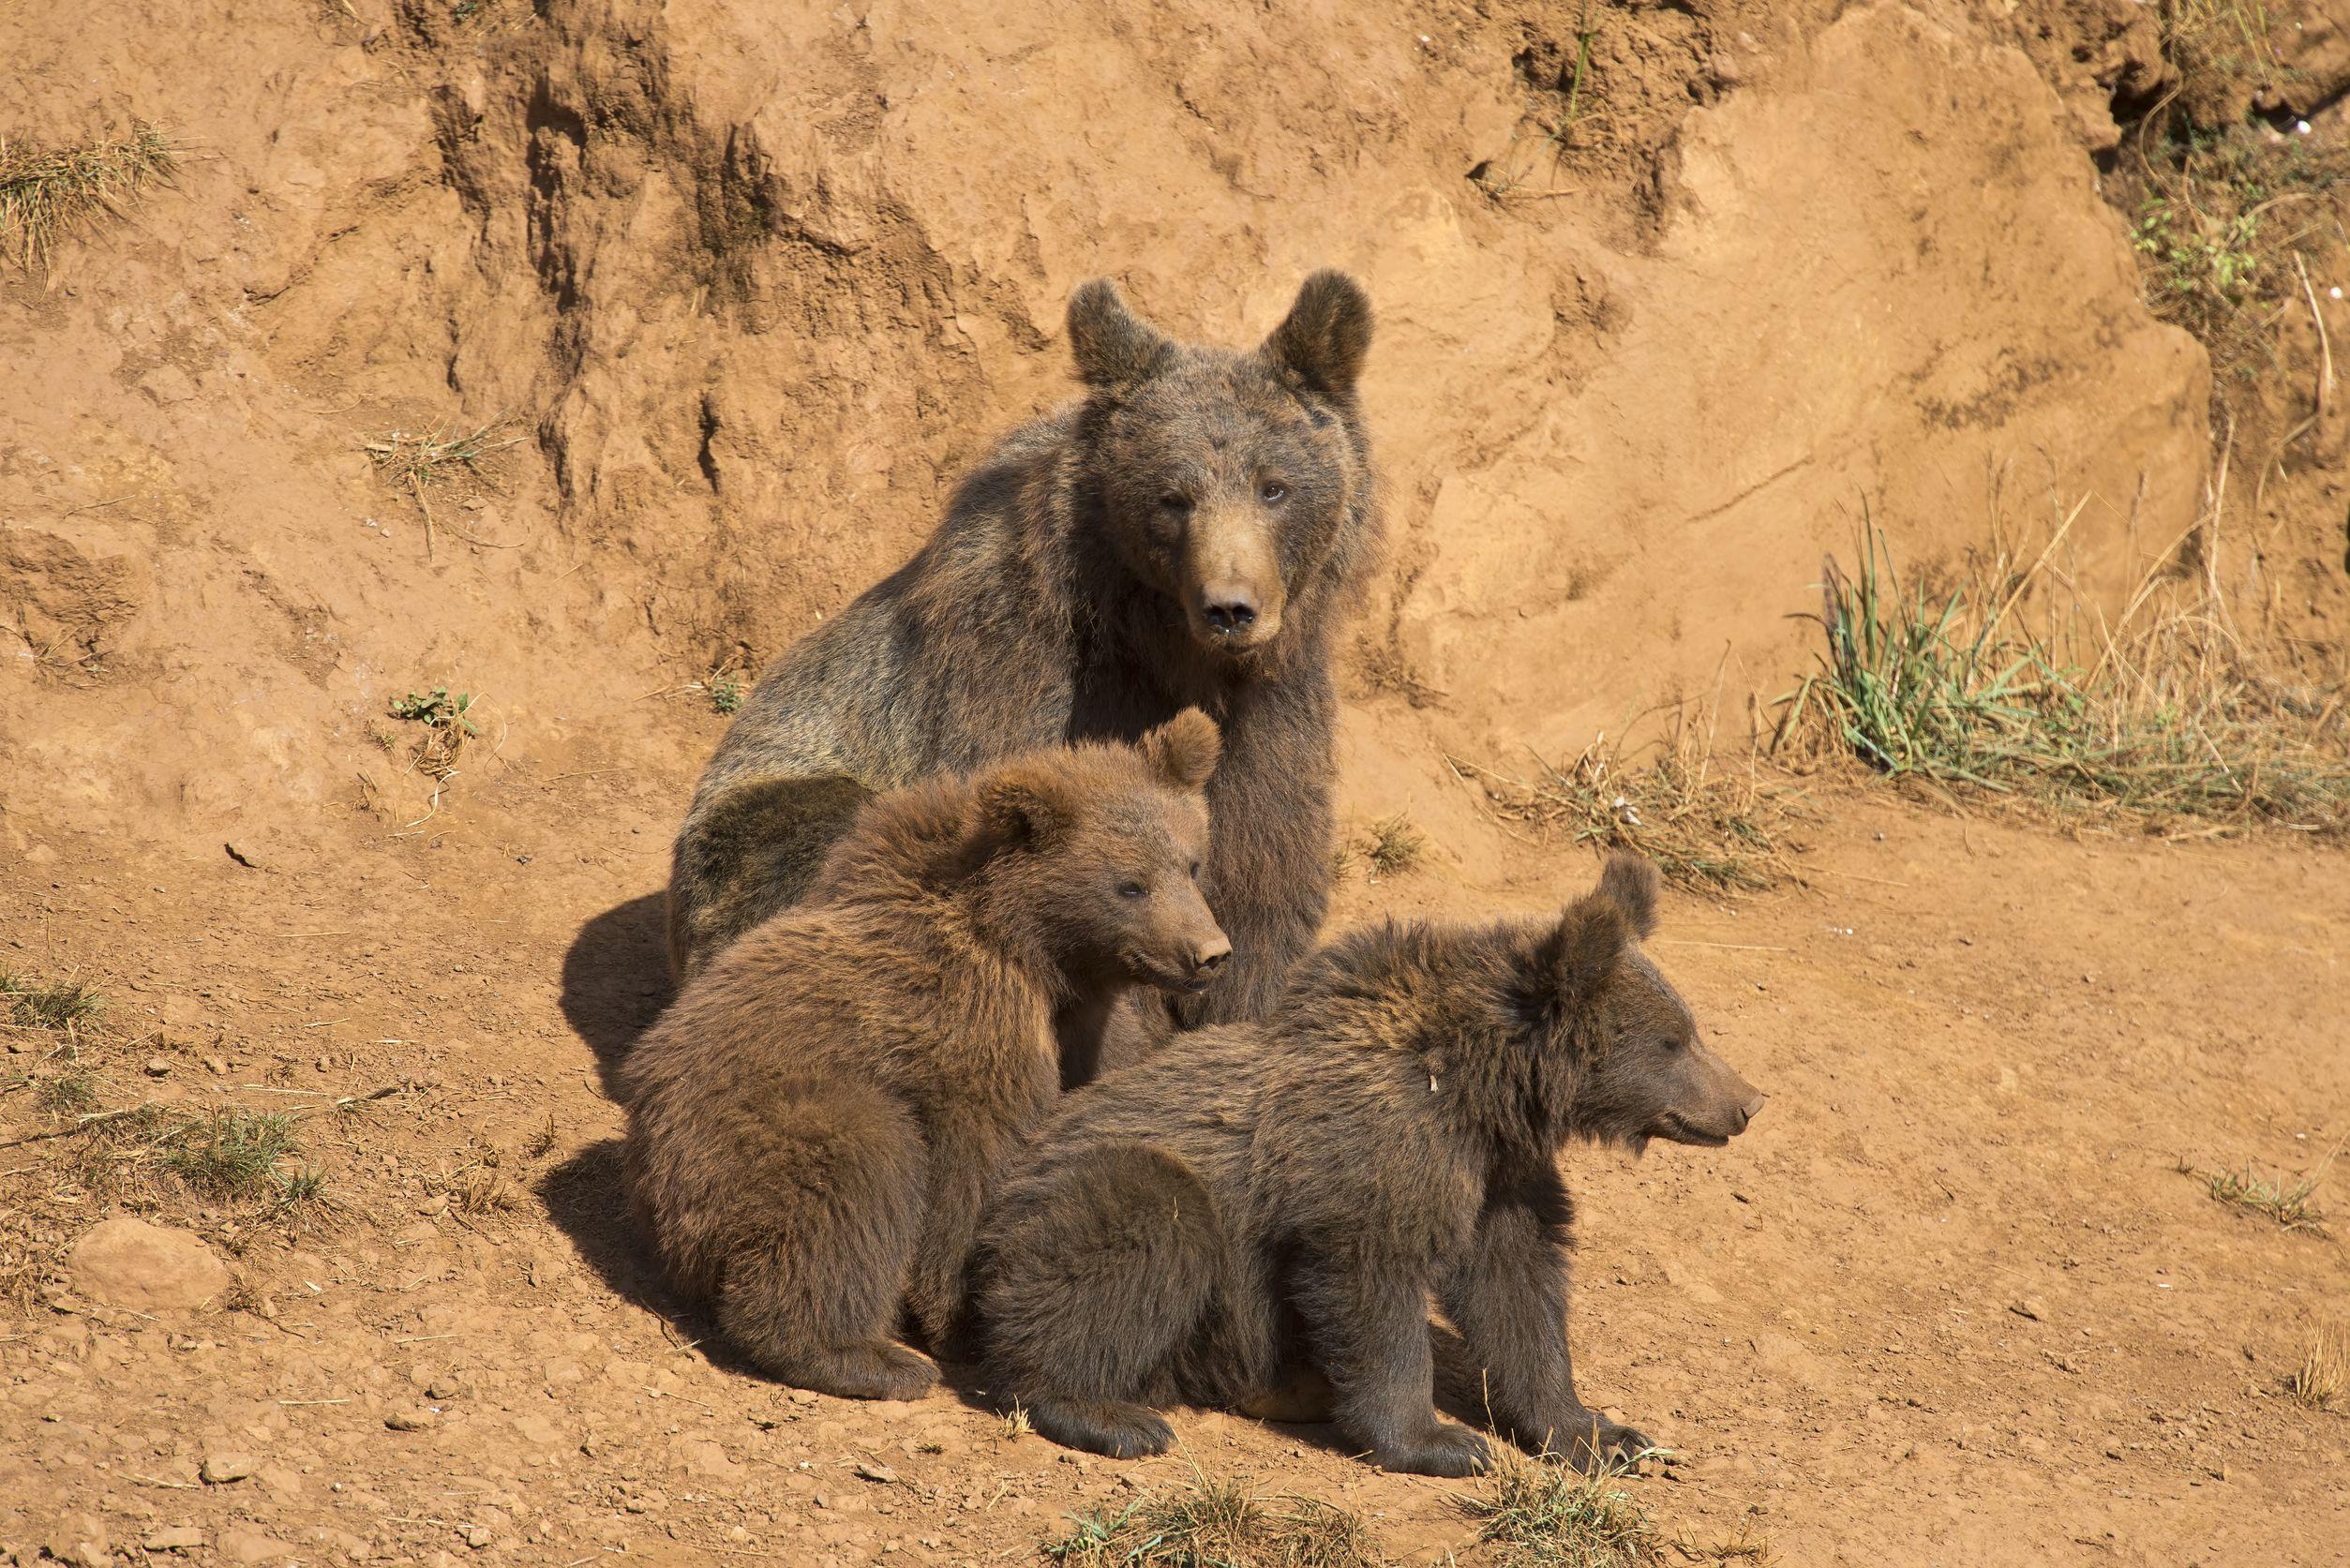 CANTABRIAN BEAR